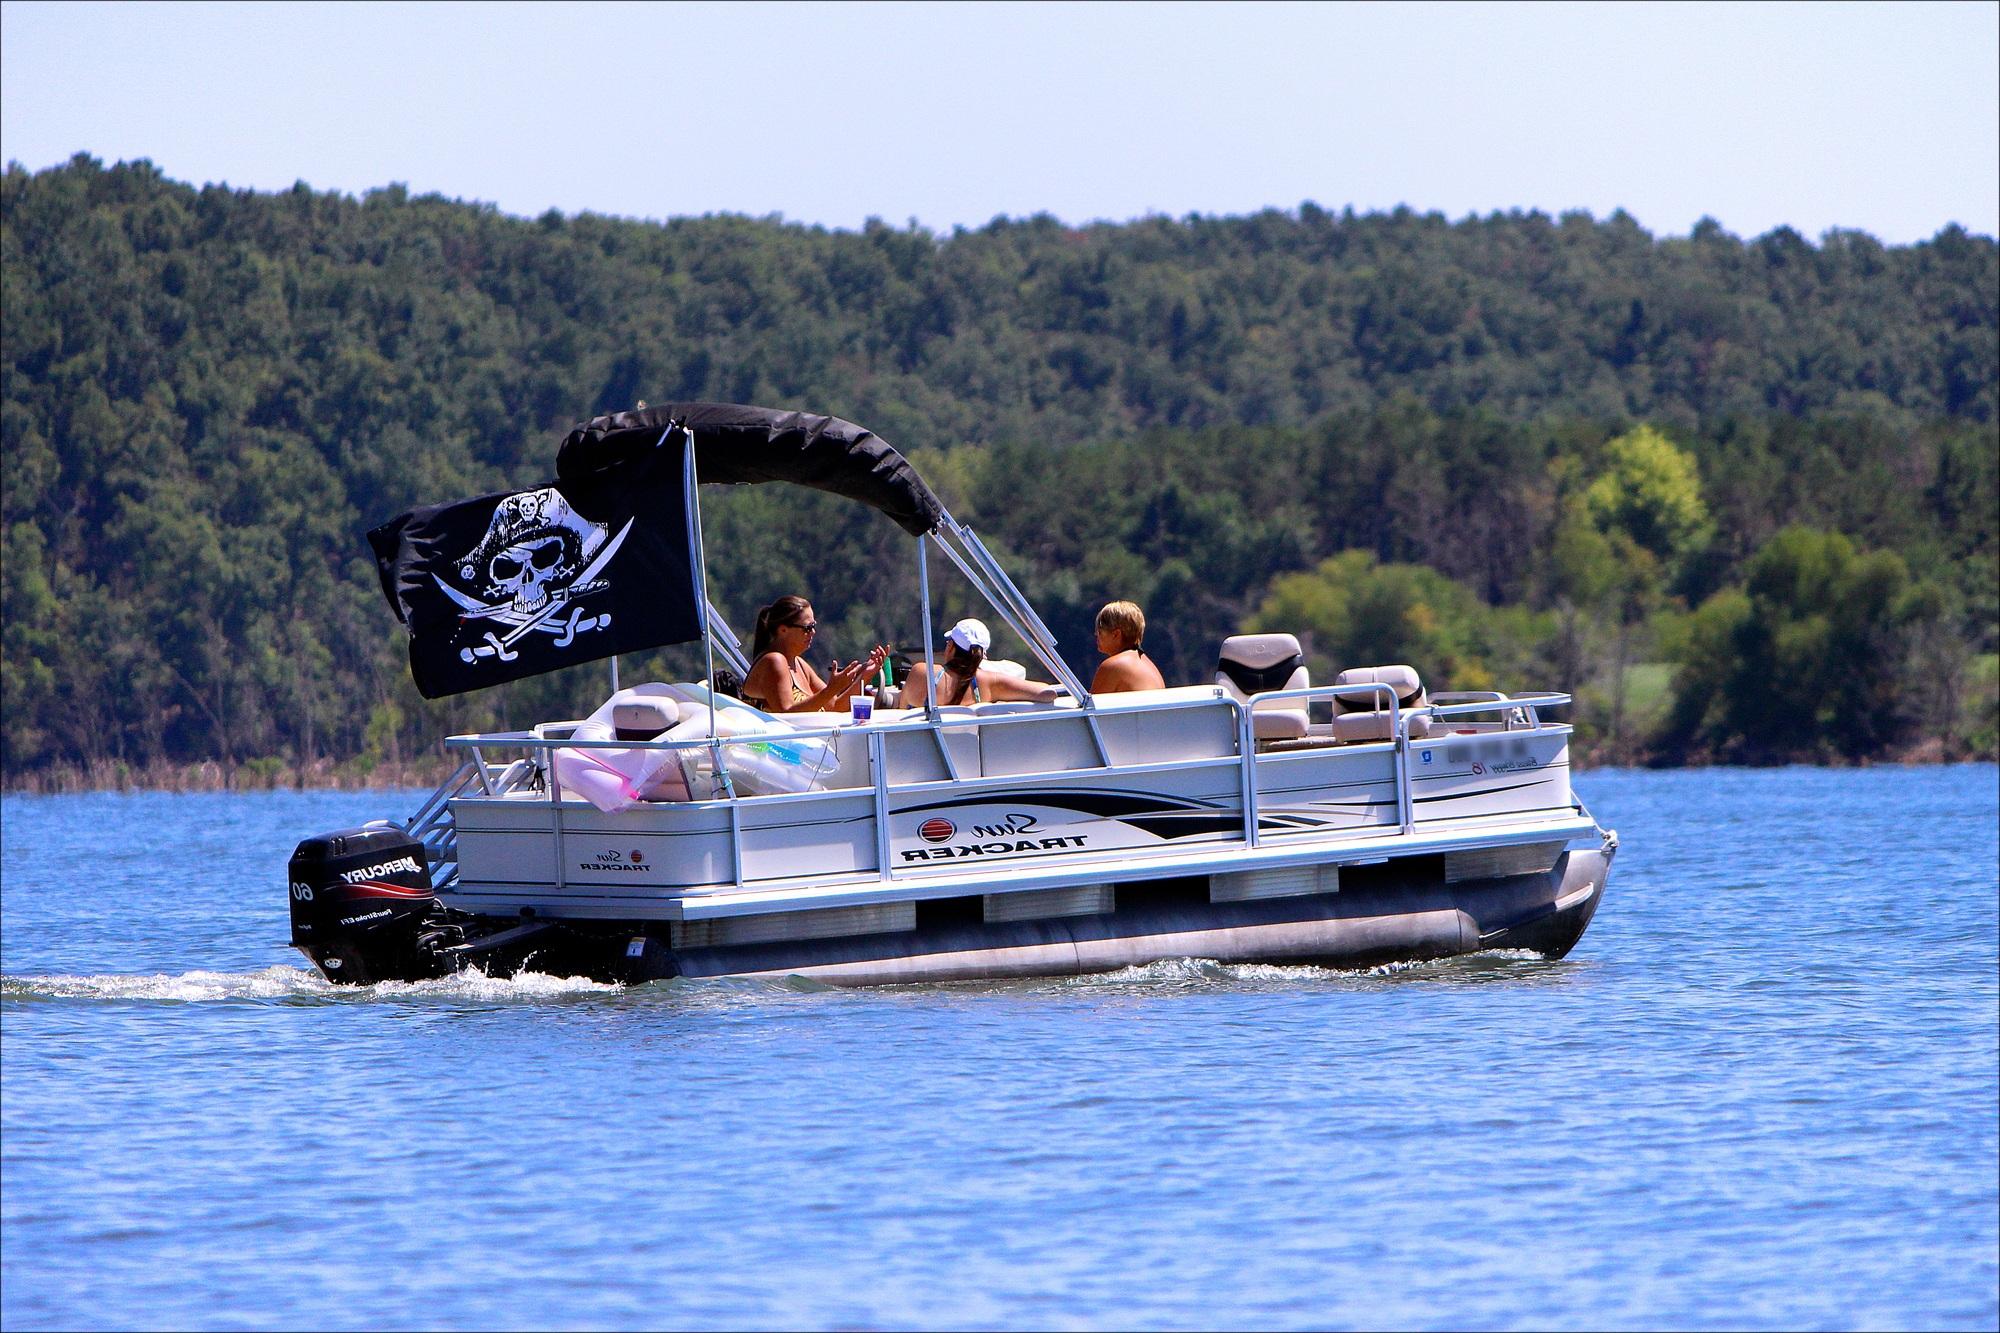 3 people aboard a pontoon boat